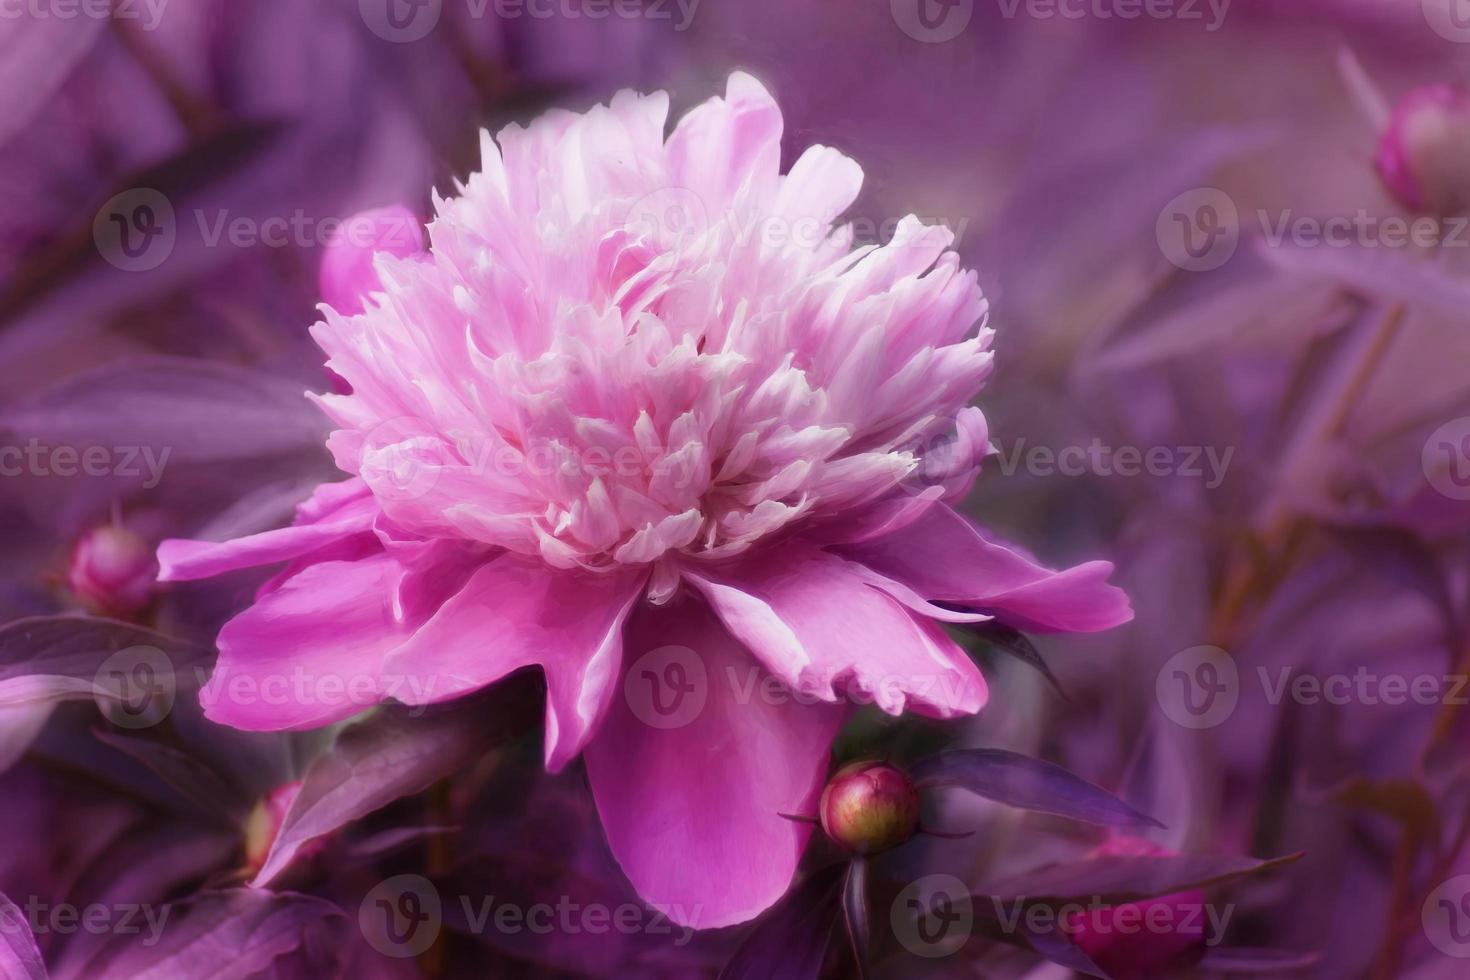 arte digitale, effetto vernice, fiori di crisantemo rosa foto